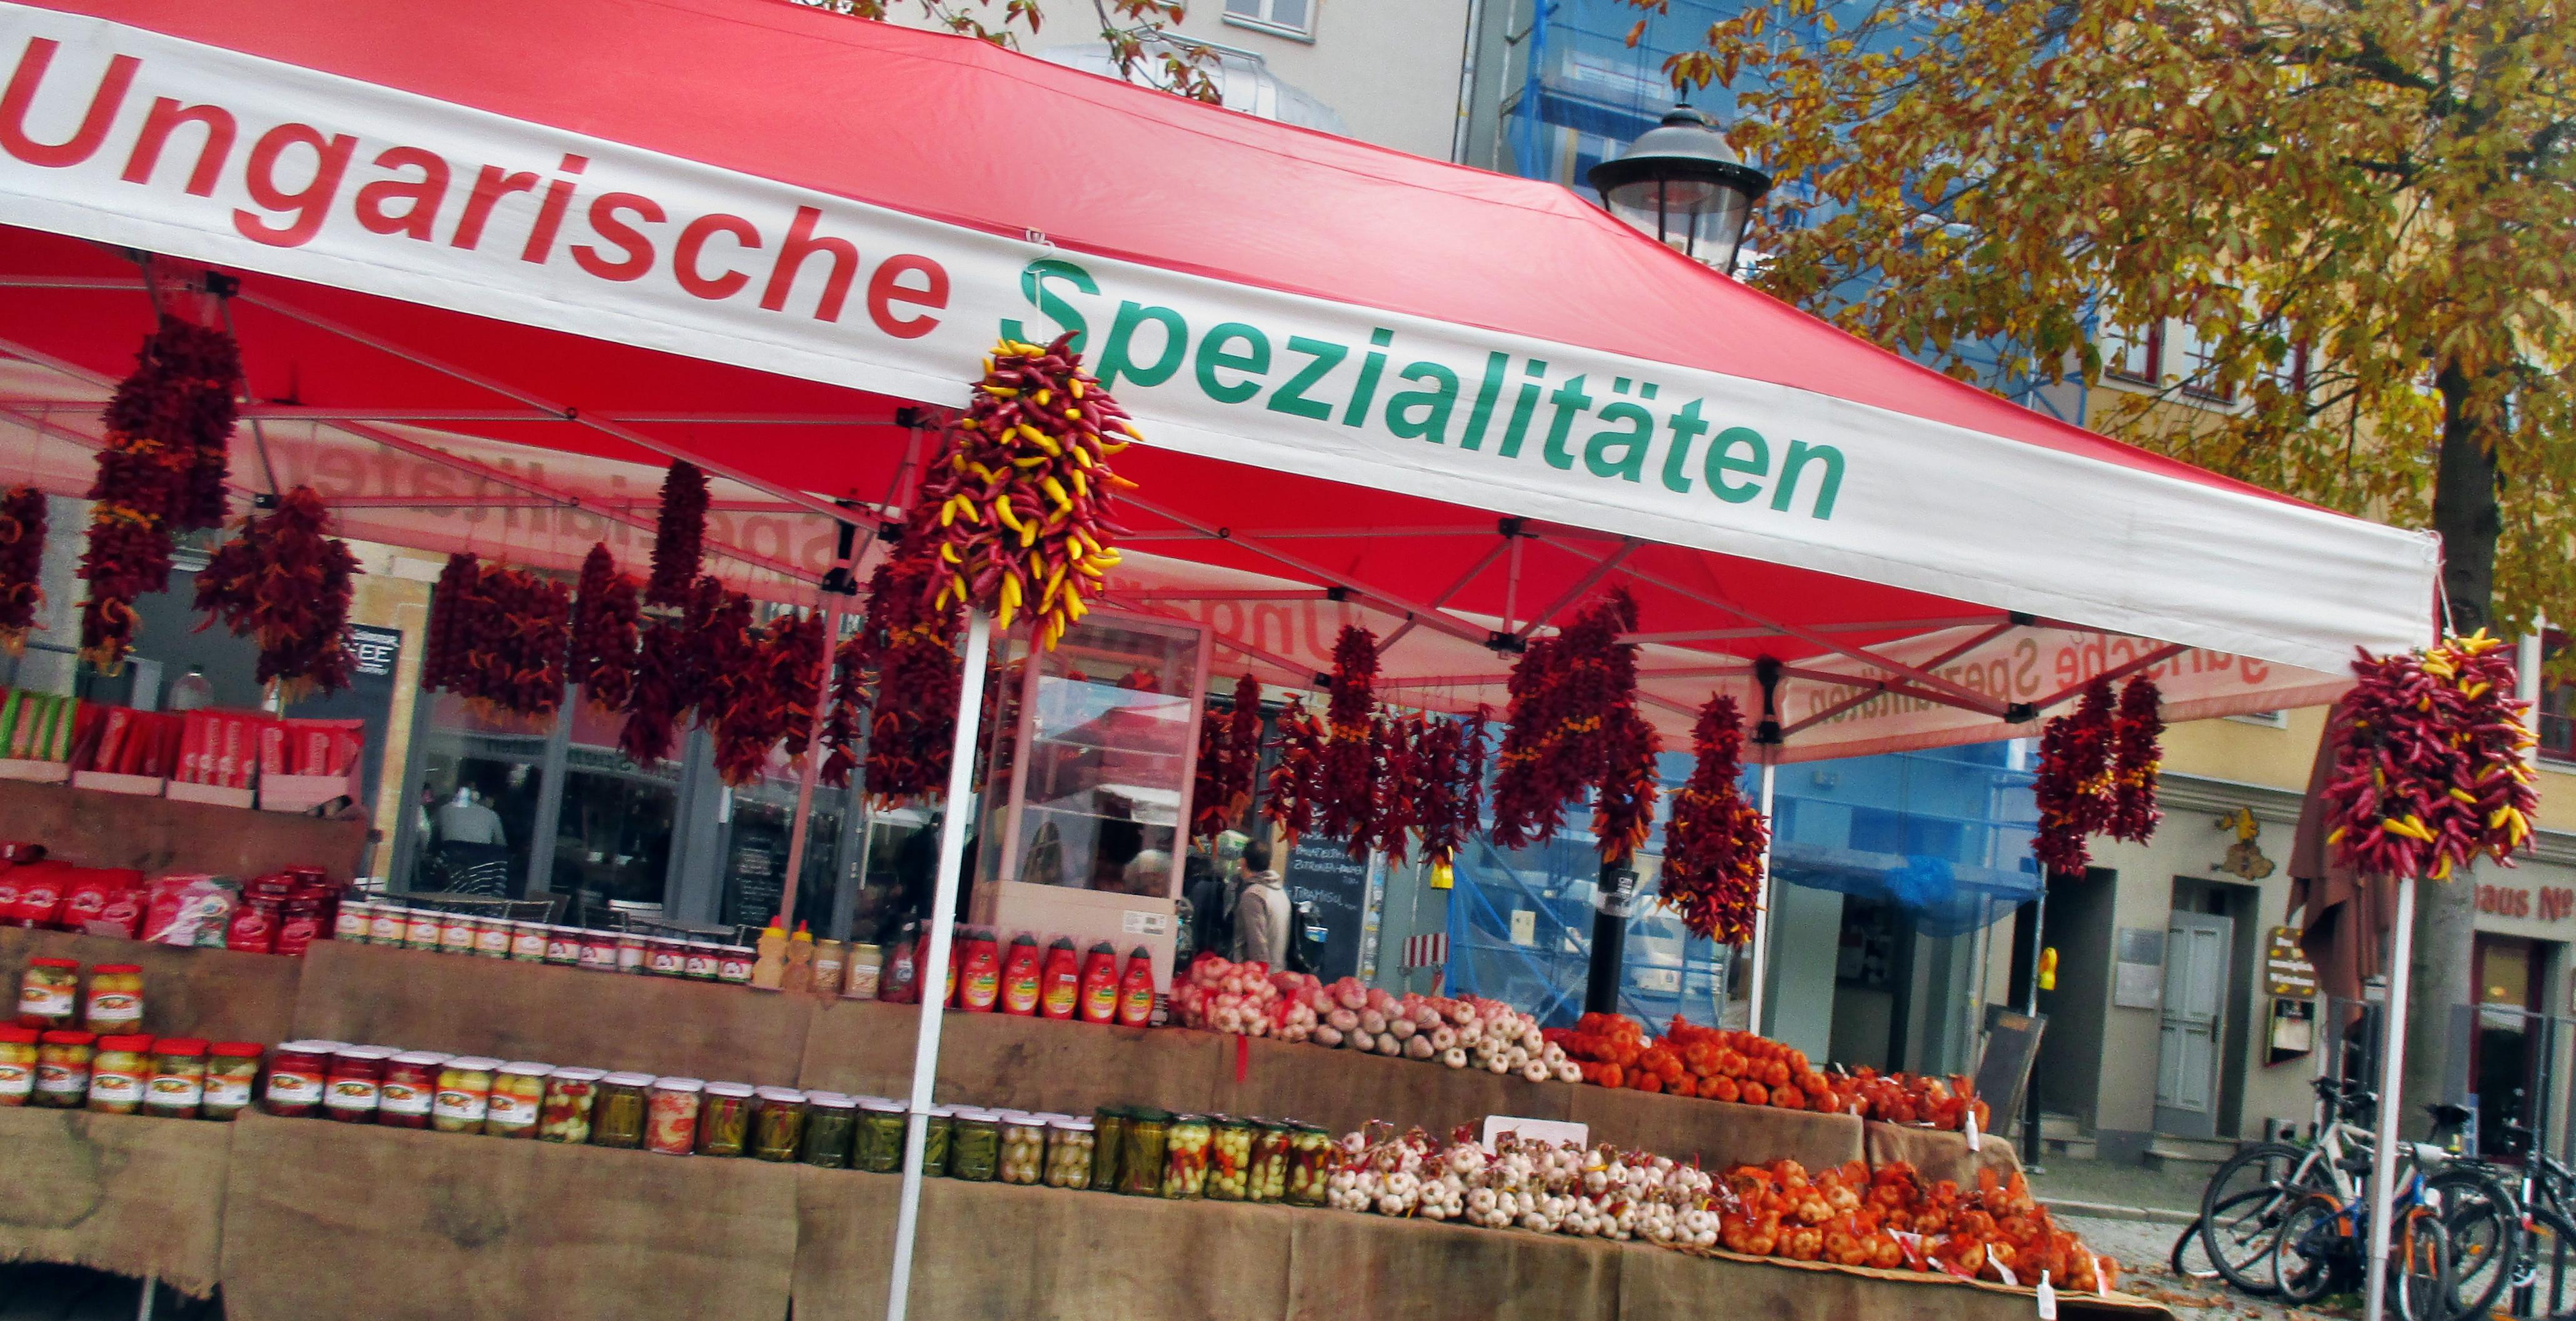 Wochenmarkt Jena -24.10.15   (6)